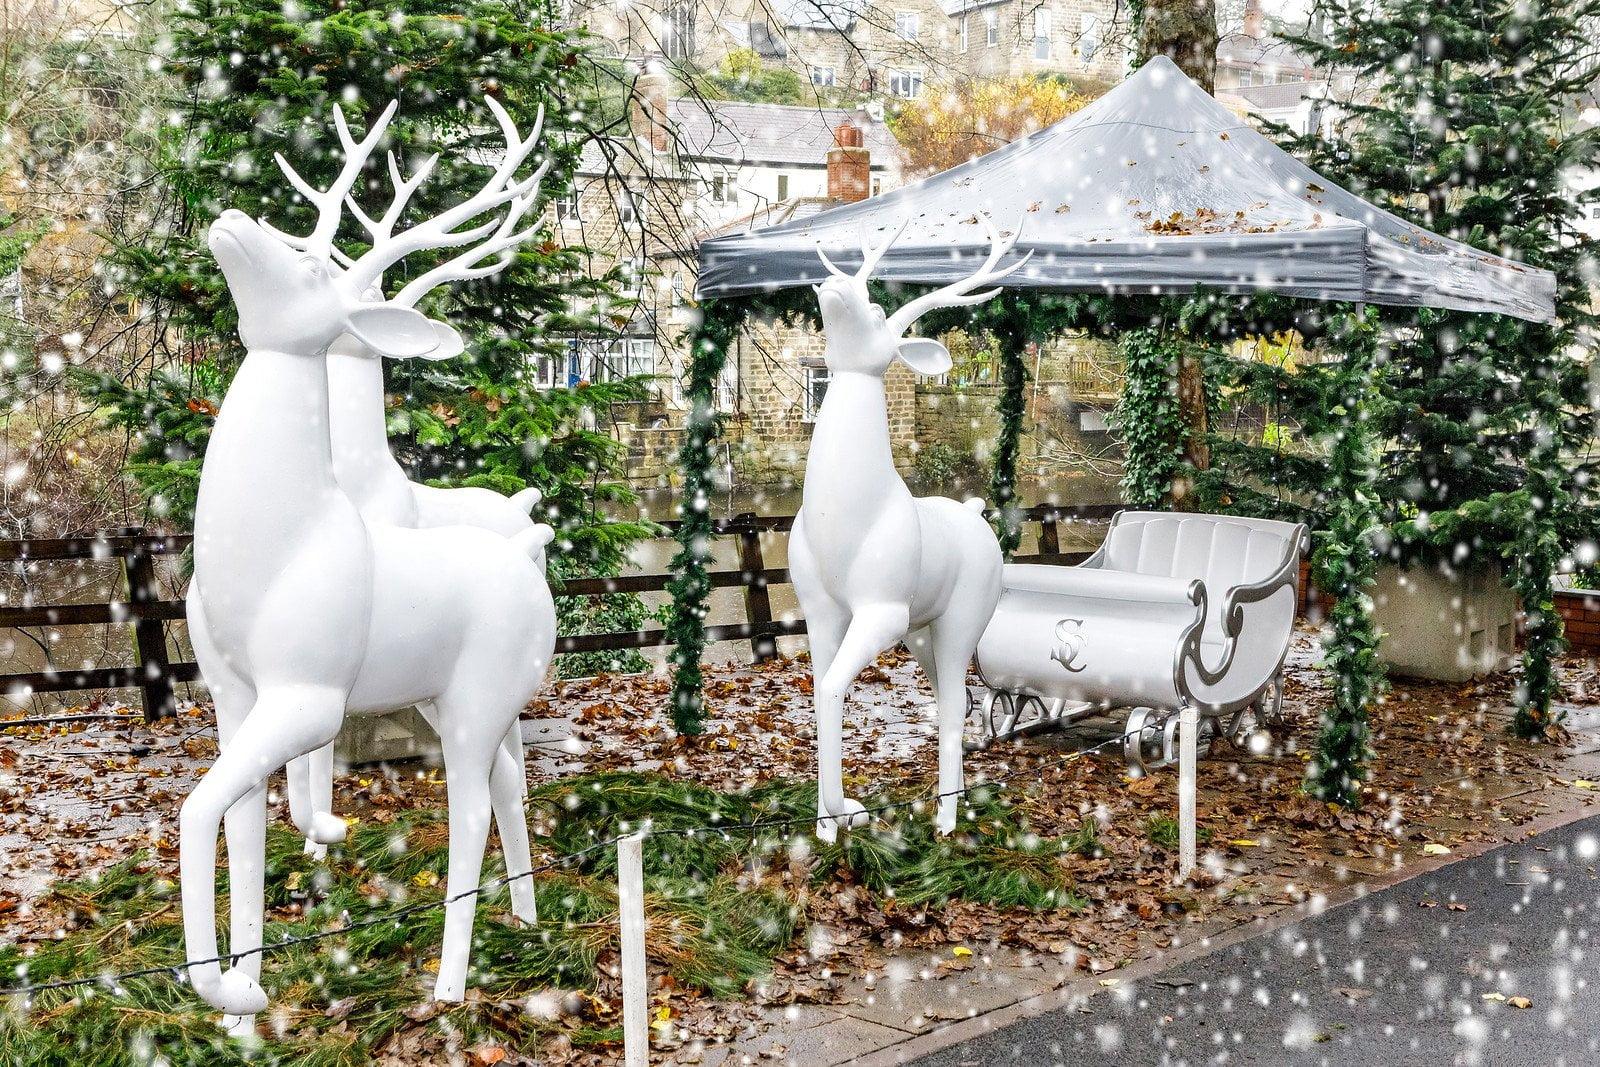 Christmas at Mother Shipton's